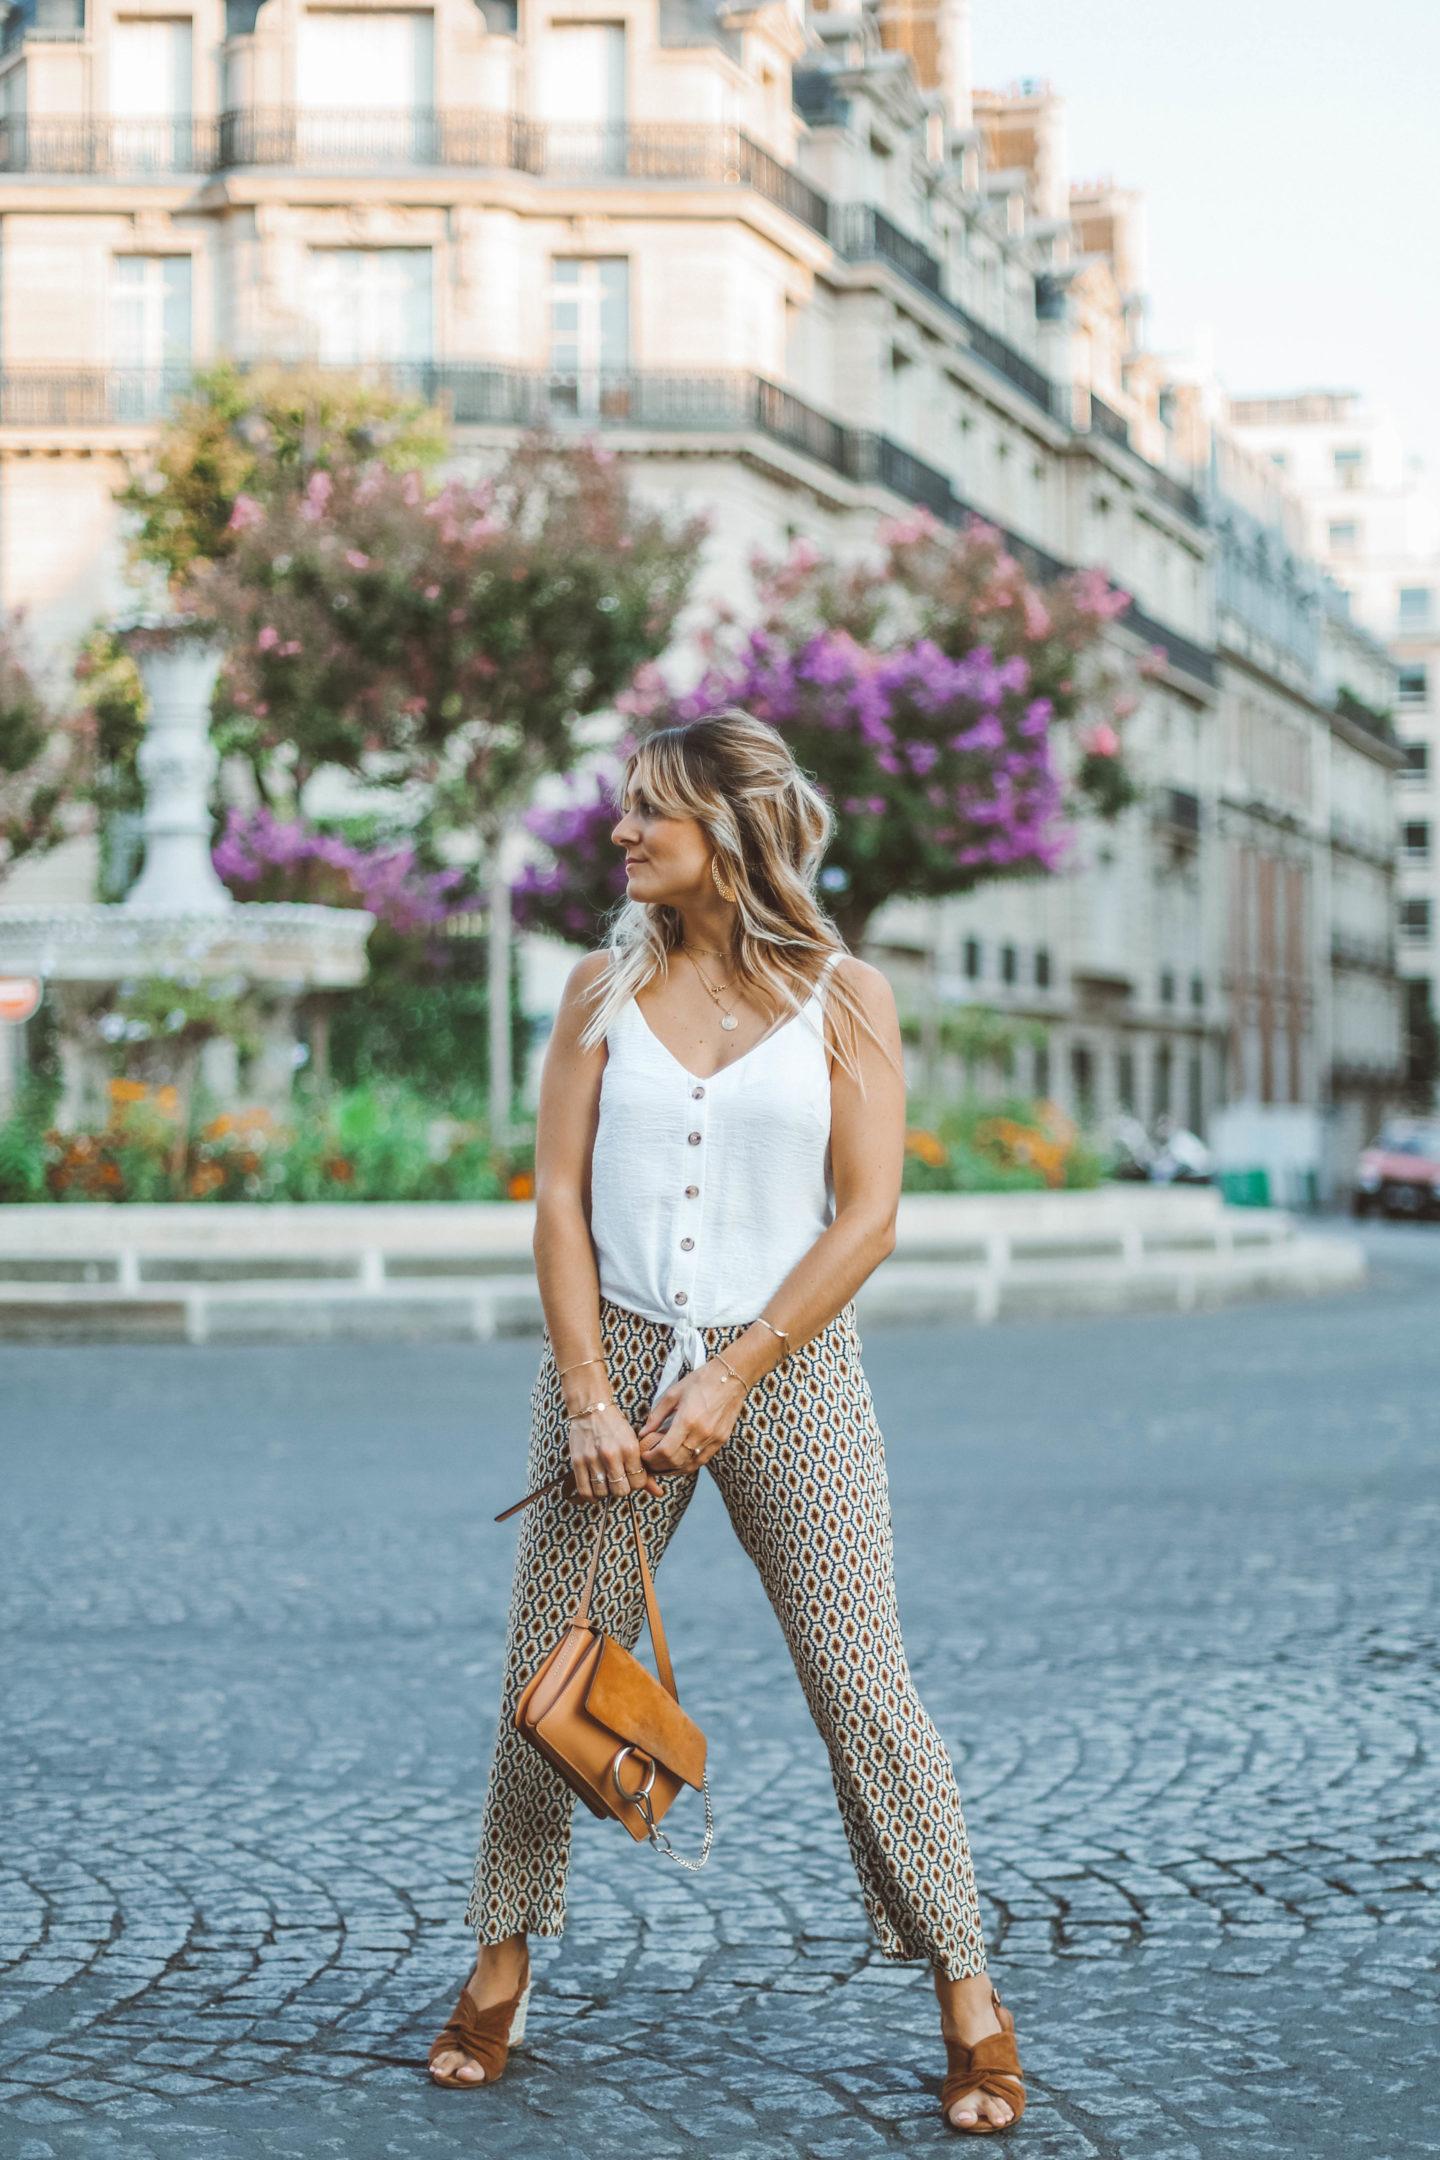 Avenue Montaigne Paris - Blondie Baby blog mode Paris et voyages